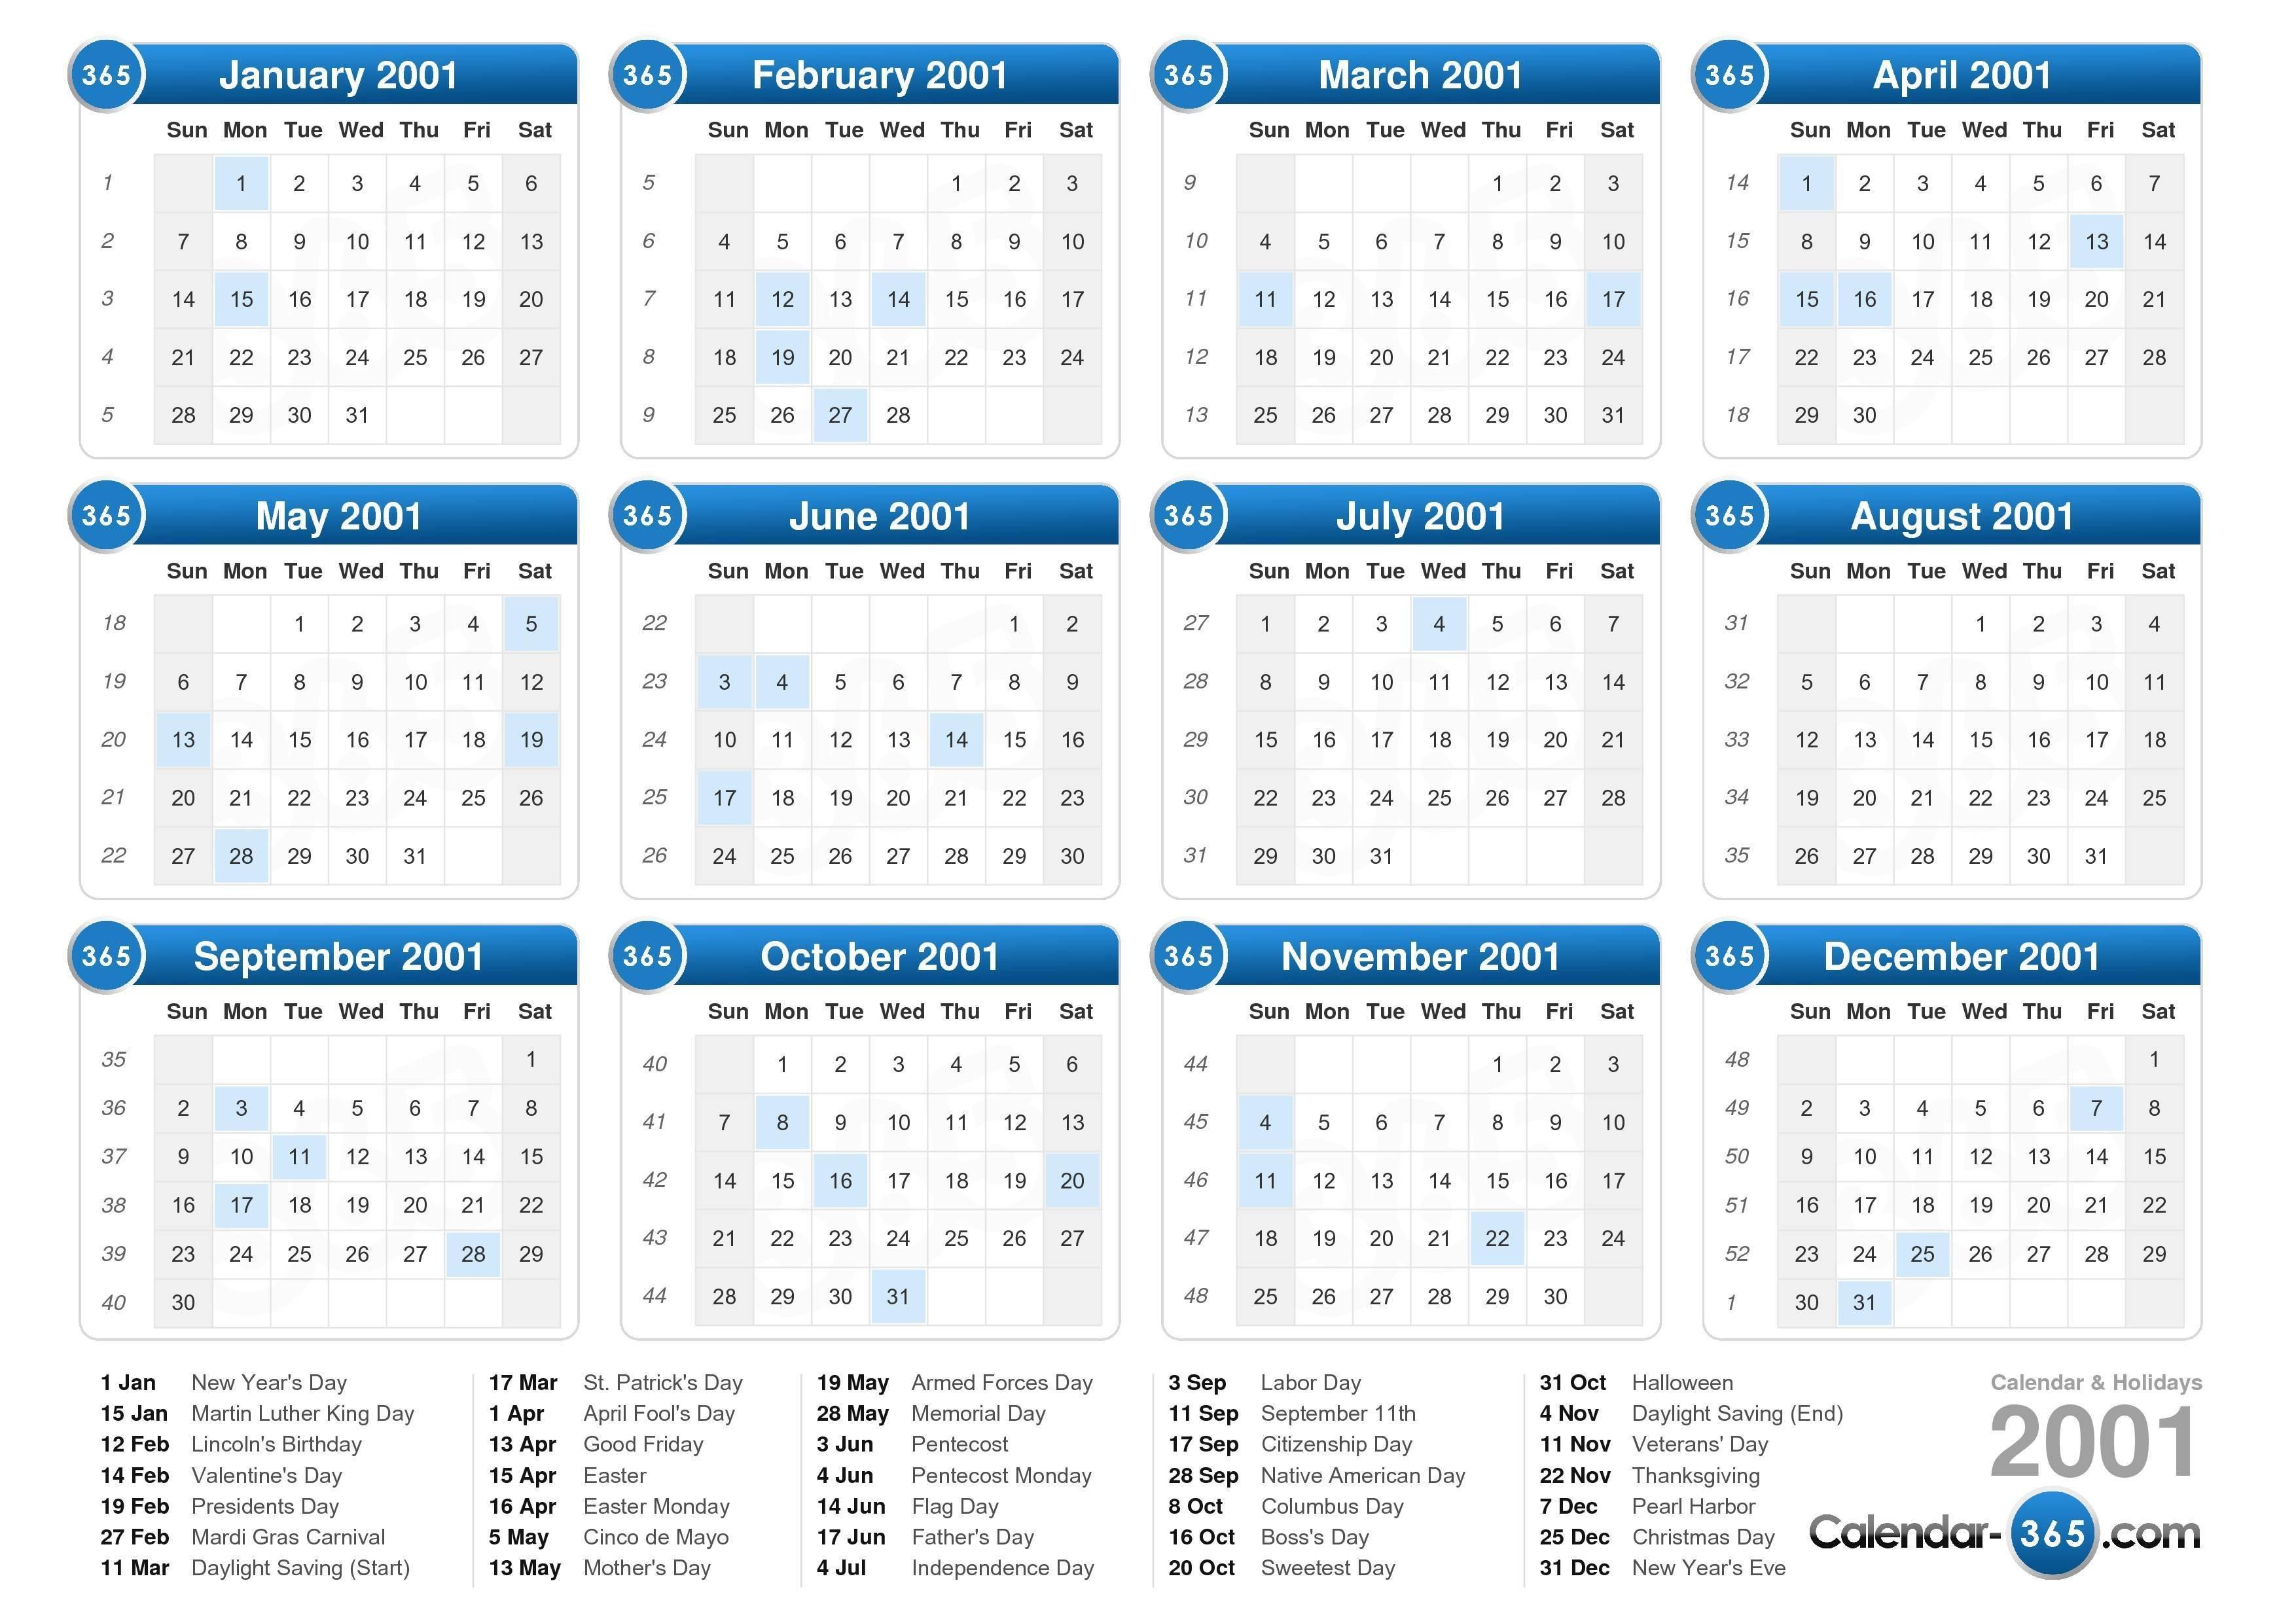 March 2019 Calendar Lala Ramswaroop Más Recientemente Liberado Media to Get Lala Ramswaroop Calendar 2019 Pdf Download Calendar Of March 2019 Calendar Lala Ramswaroop Más Caliente News Flash Connected with Lala Ramswaroop Calendar 2019 Download Pdf